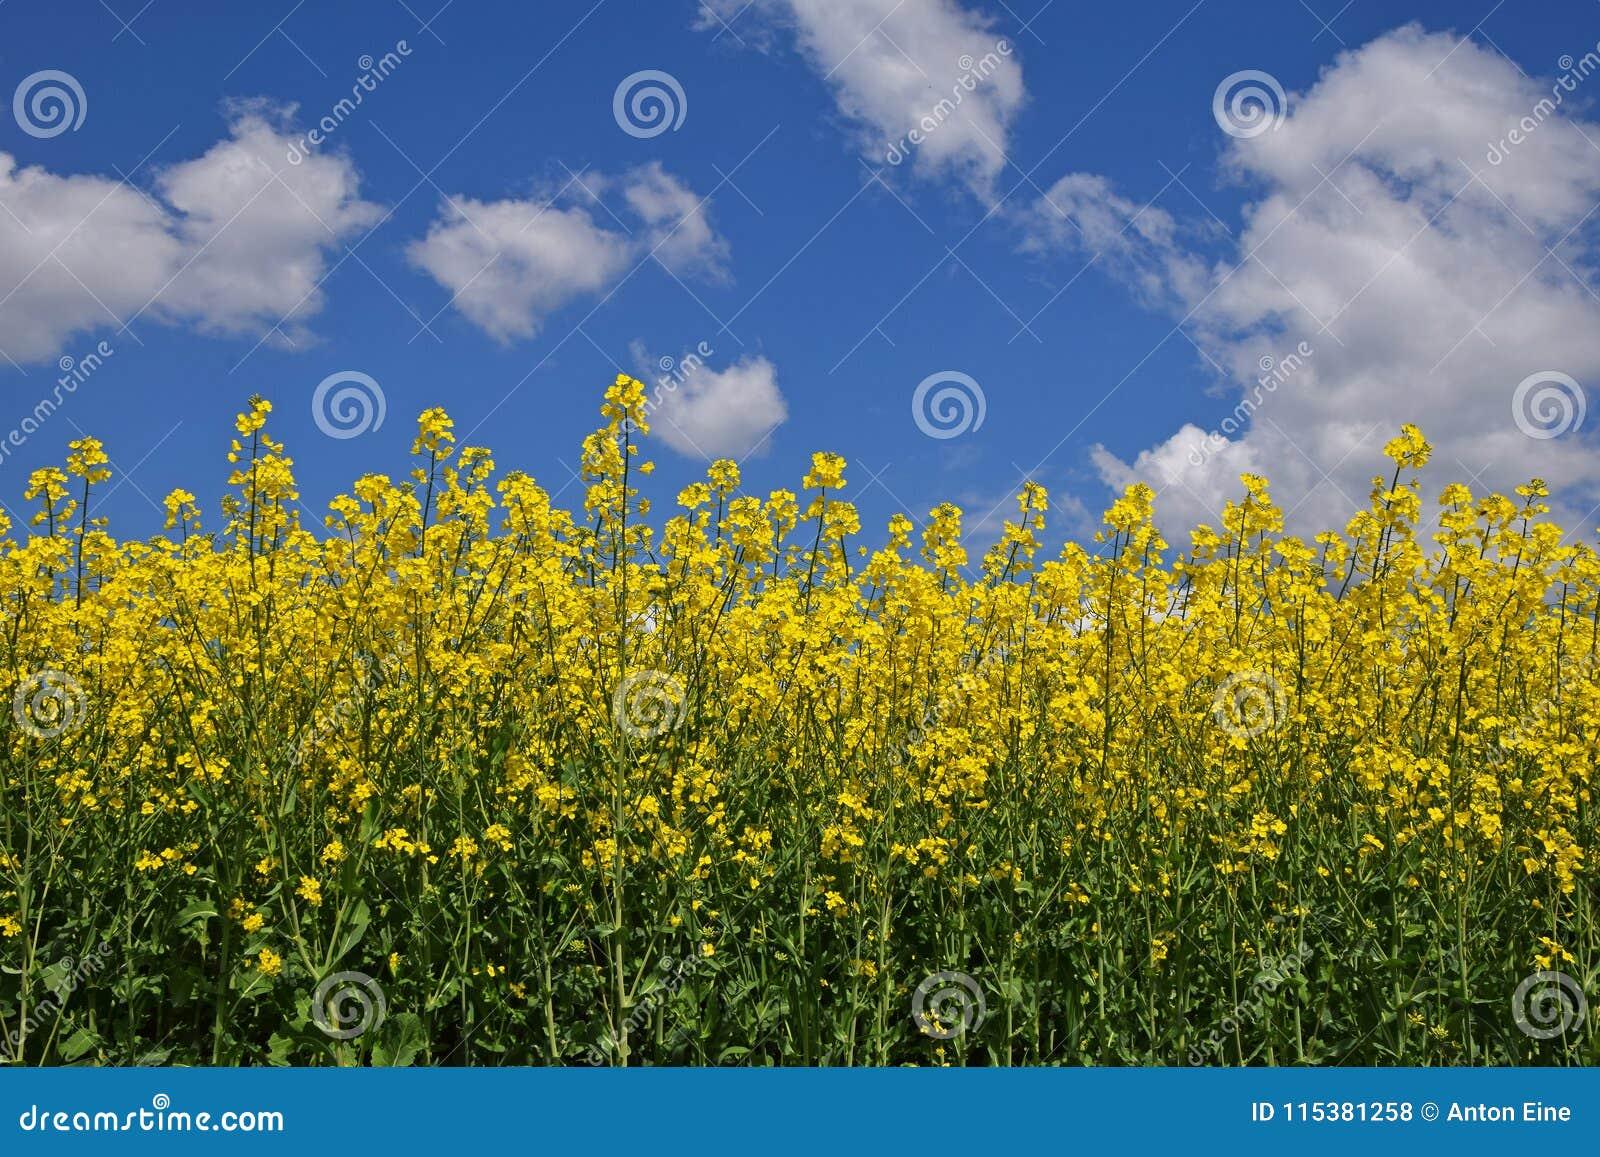 关闭油菜籽的领域在多云蓝天下